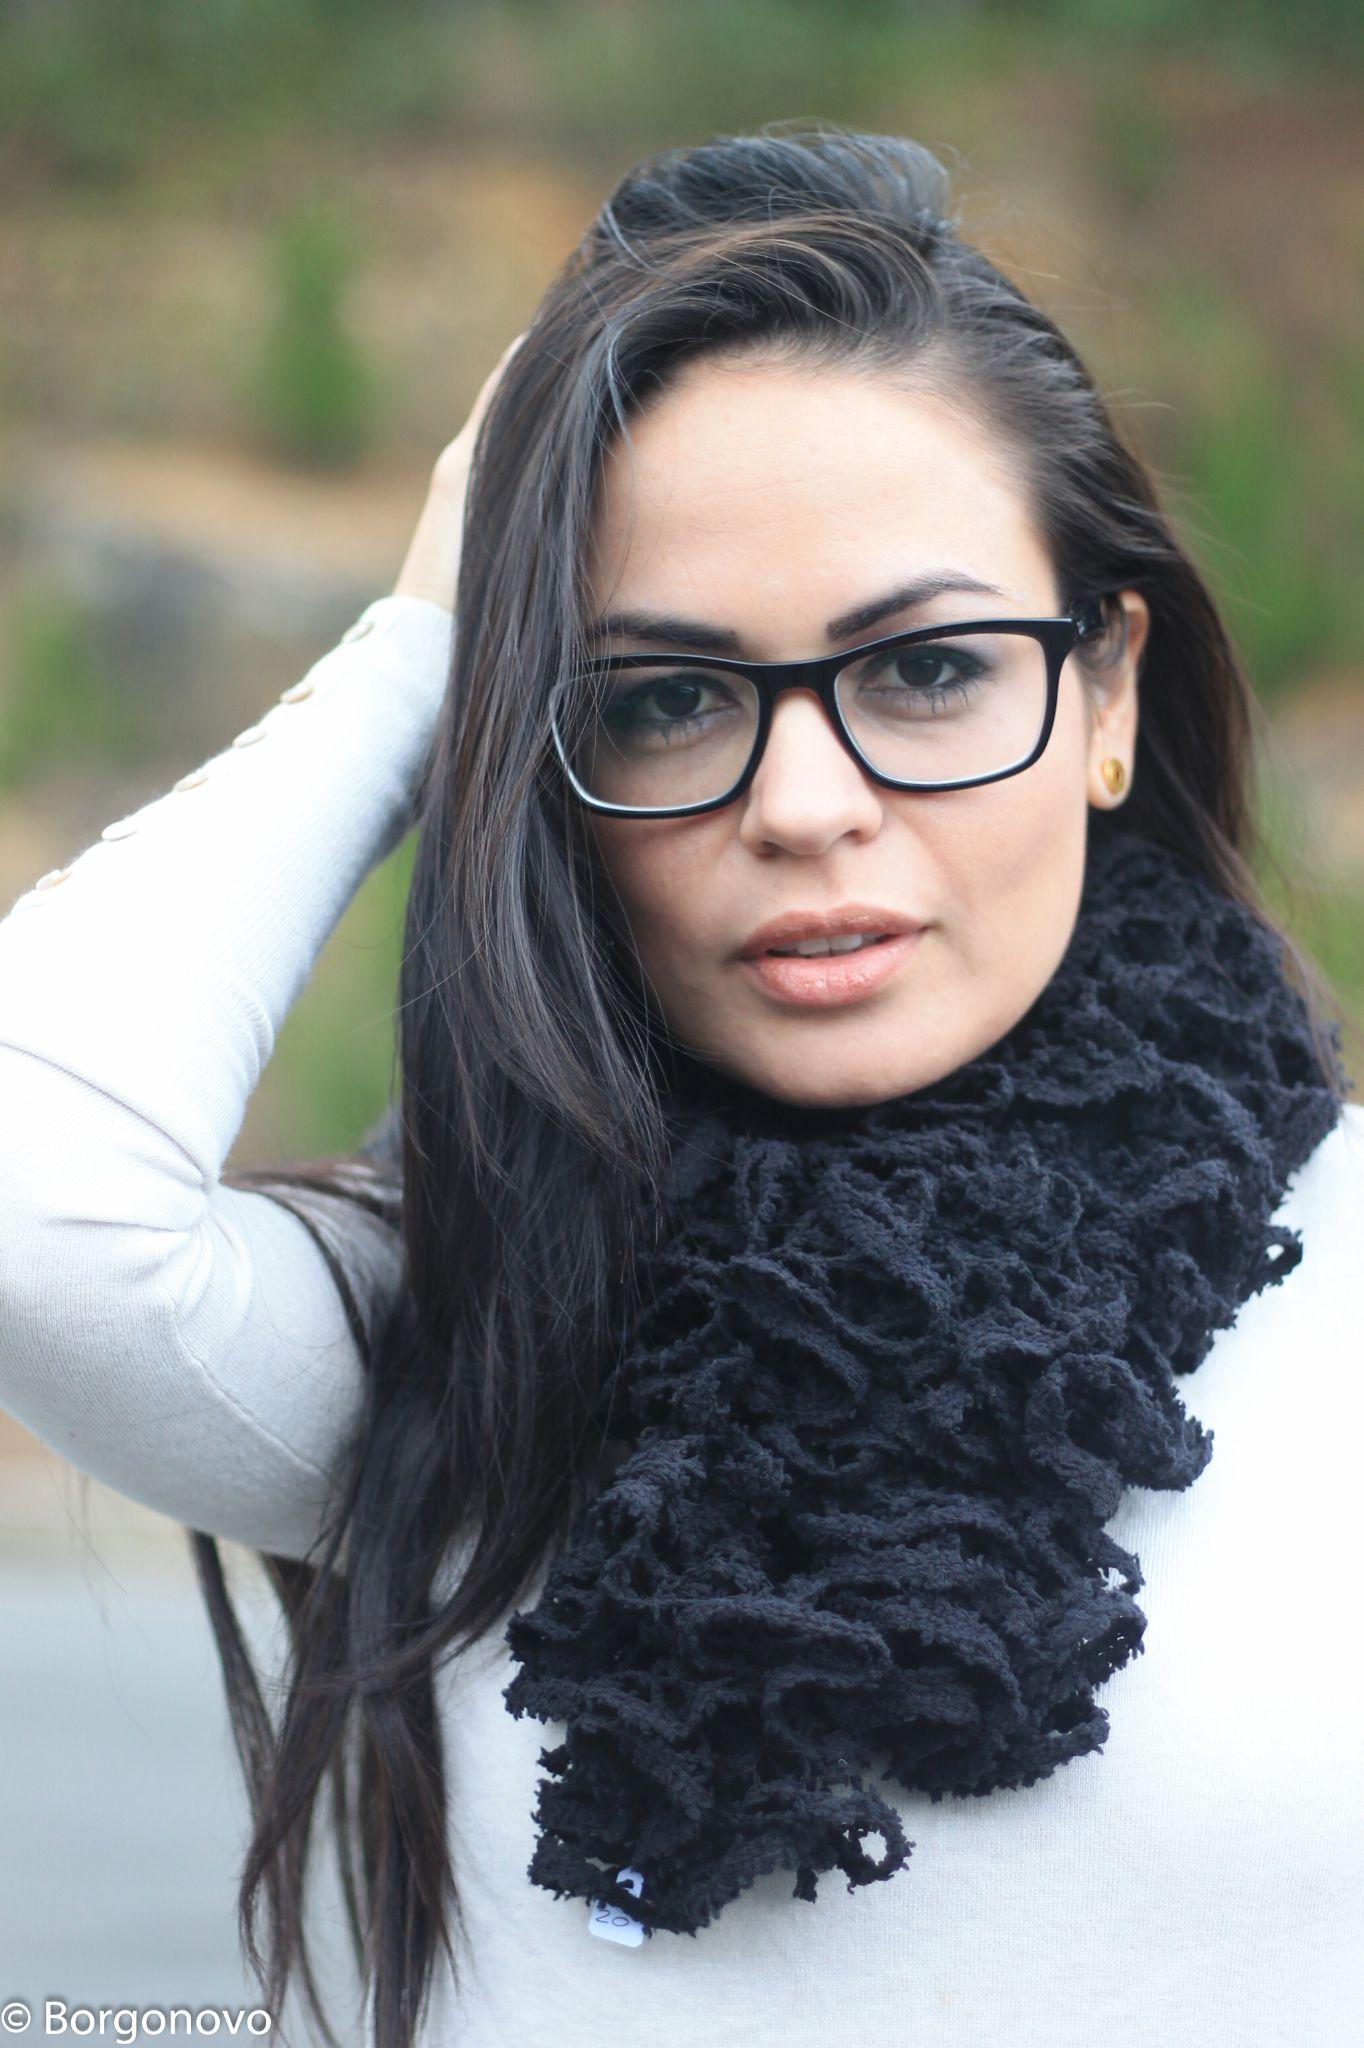 Linda de óculos / Beautiful girl with glasses by Borgonovo Fotografias